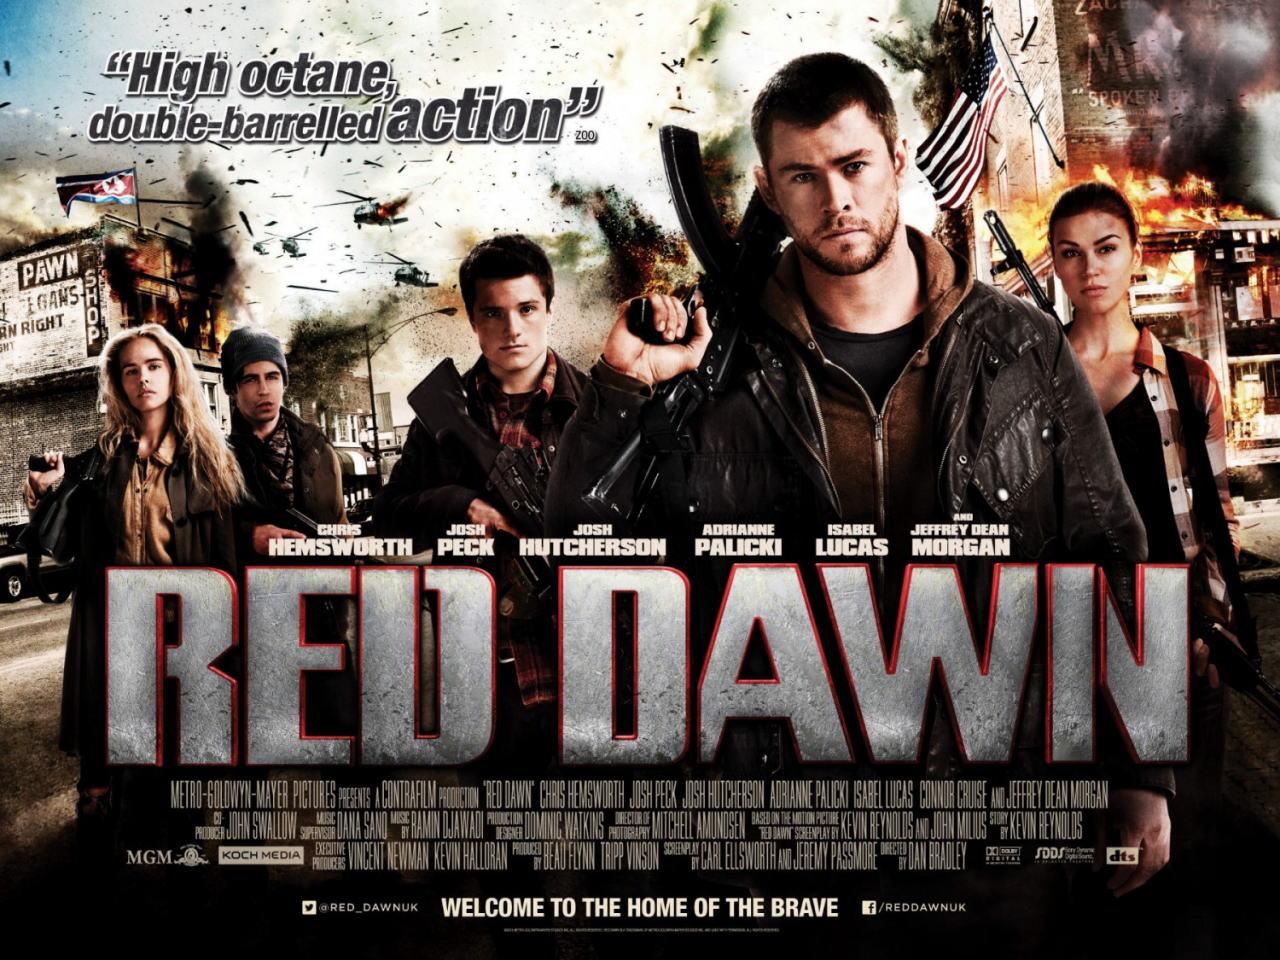 映画『レッド・ドーン (2012) RED DAWN』ポスター(4) ▼ポスター画像クリックで拡大します。